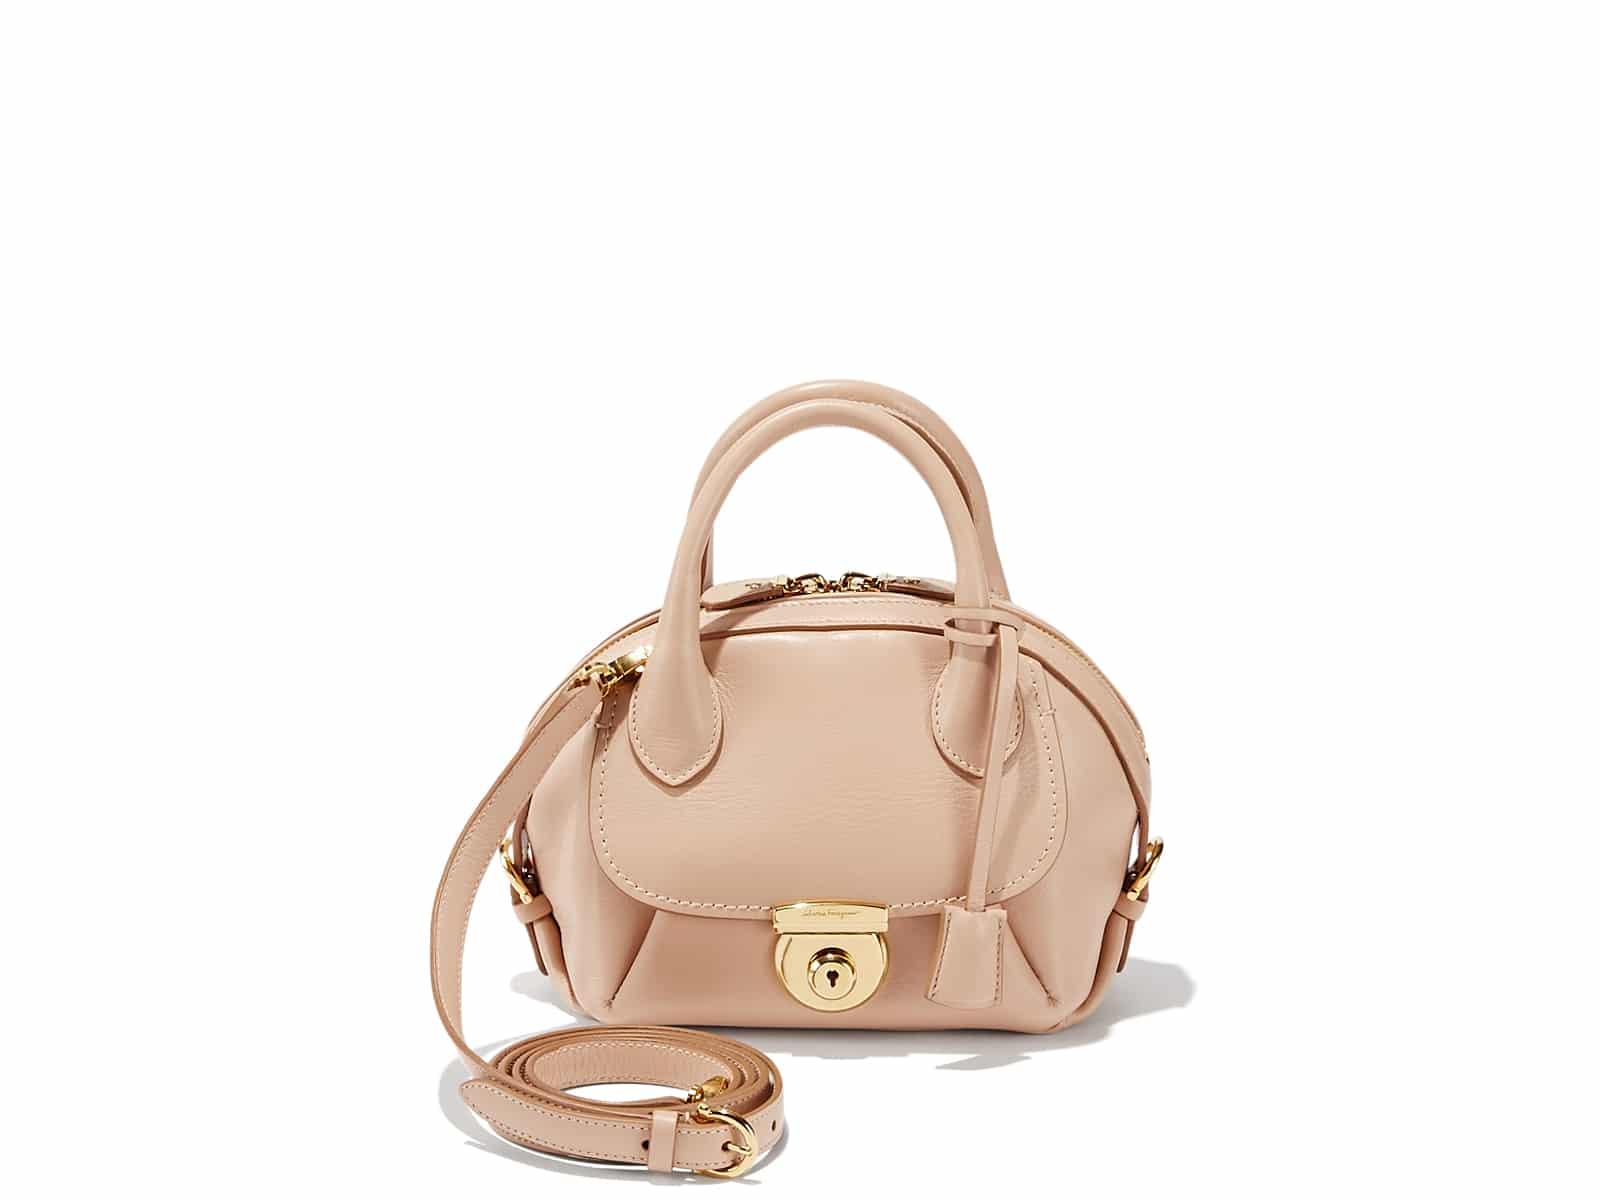 3fe0ffbbe241 Salvatore Ferragamo Fiamma Top Handle Bag Reference Guide